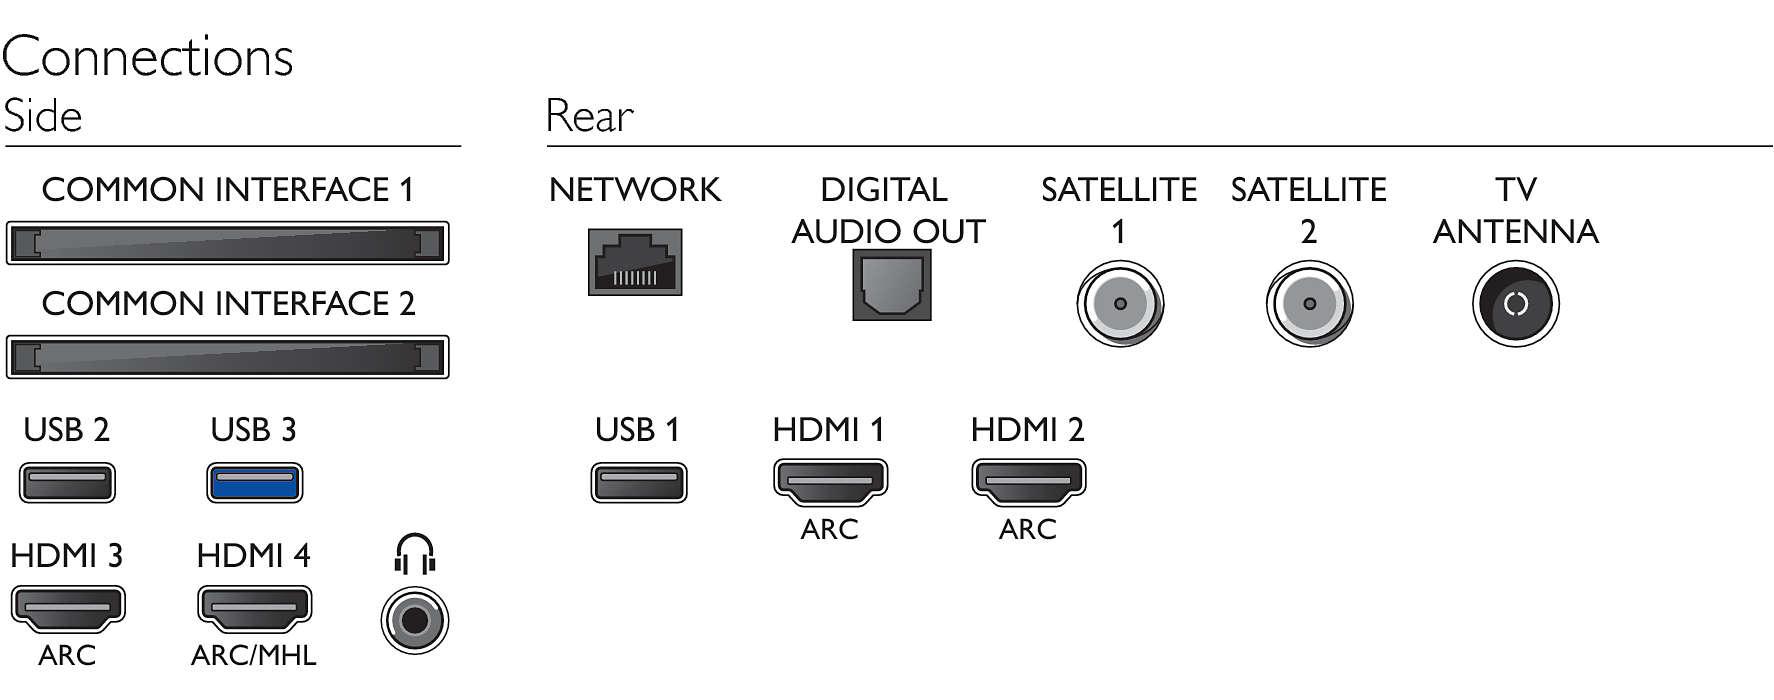 Razor Slim 4K UHD OLED Android TV 55POS901F 12   Philips 4c69f084feee